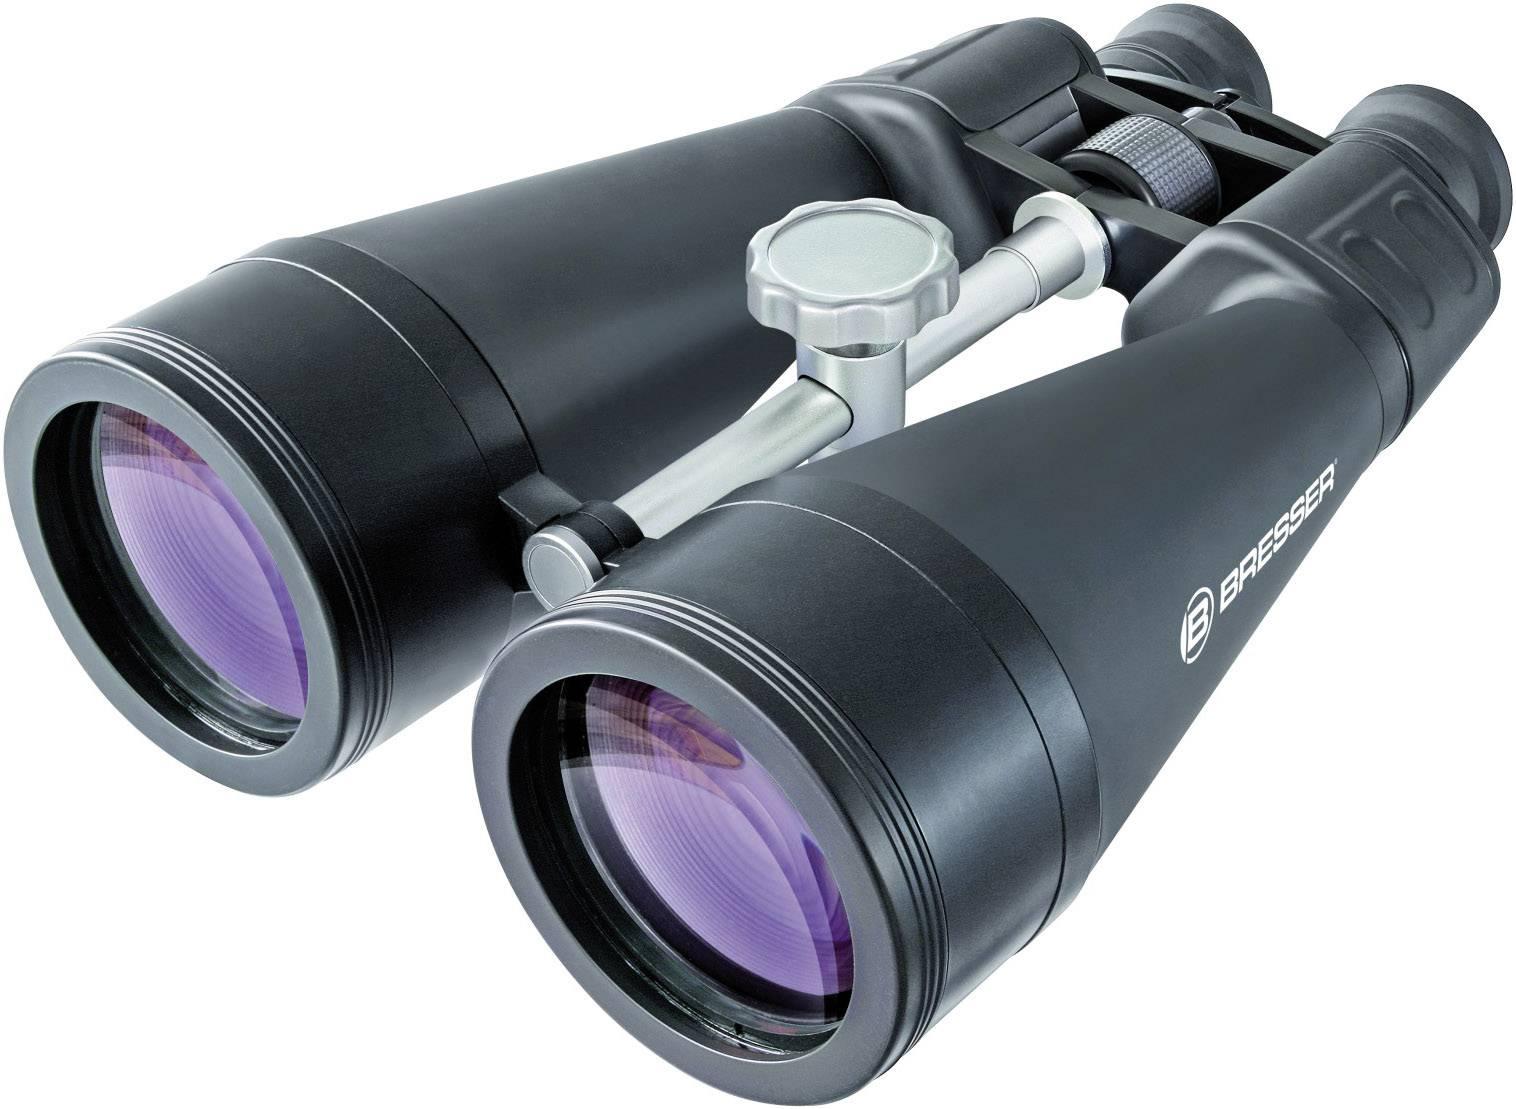 Bresser optik spezial astro fernglas mm schwarz kaufen